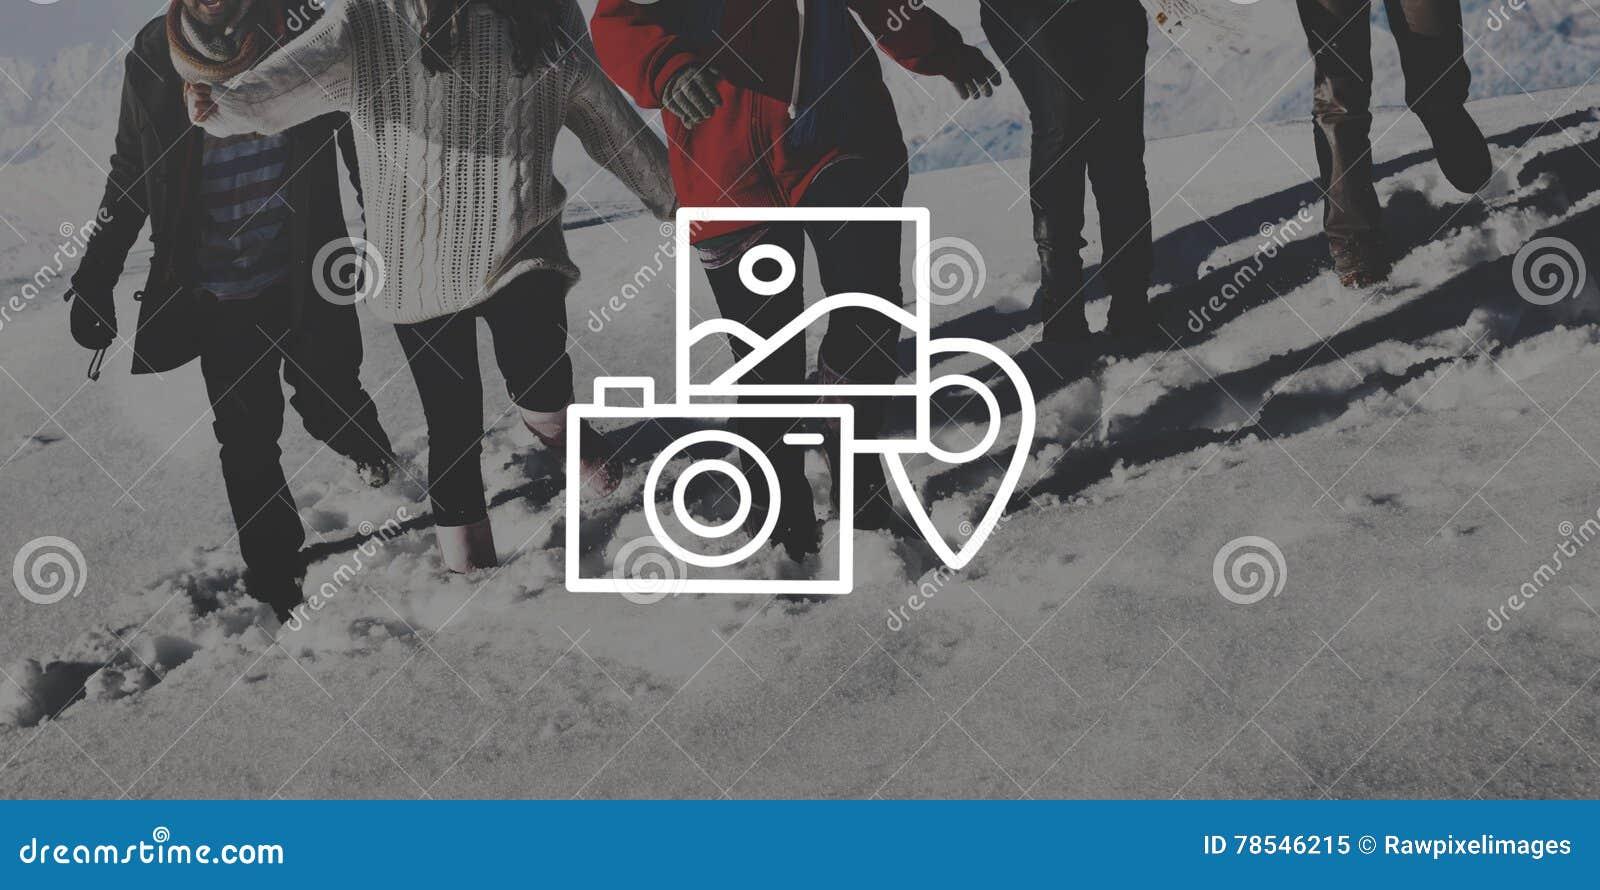 Πορτρέτο φωτογραφιών καμερών φωτογραφίας που φωτογραφίζει την έννοια